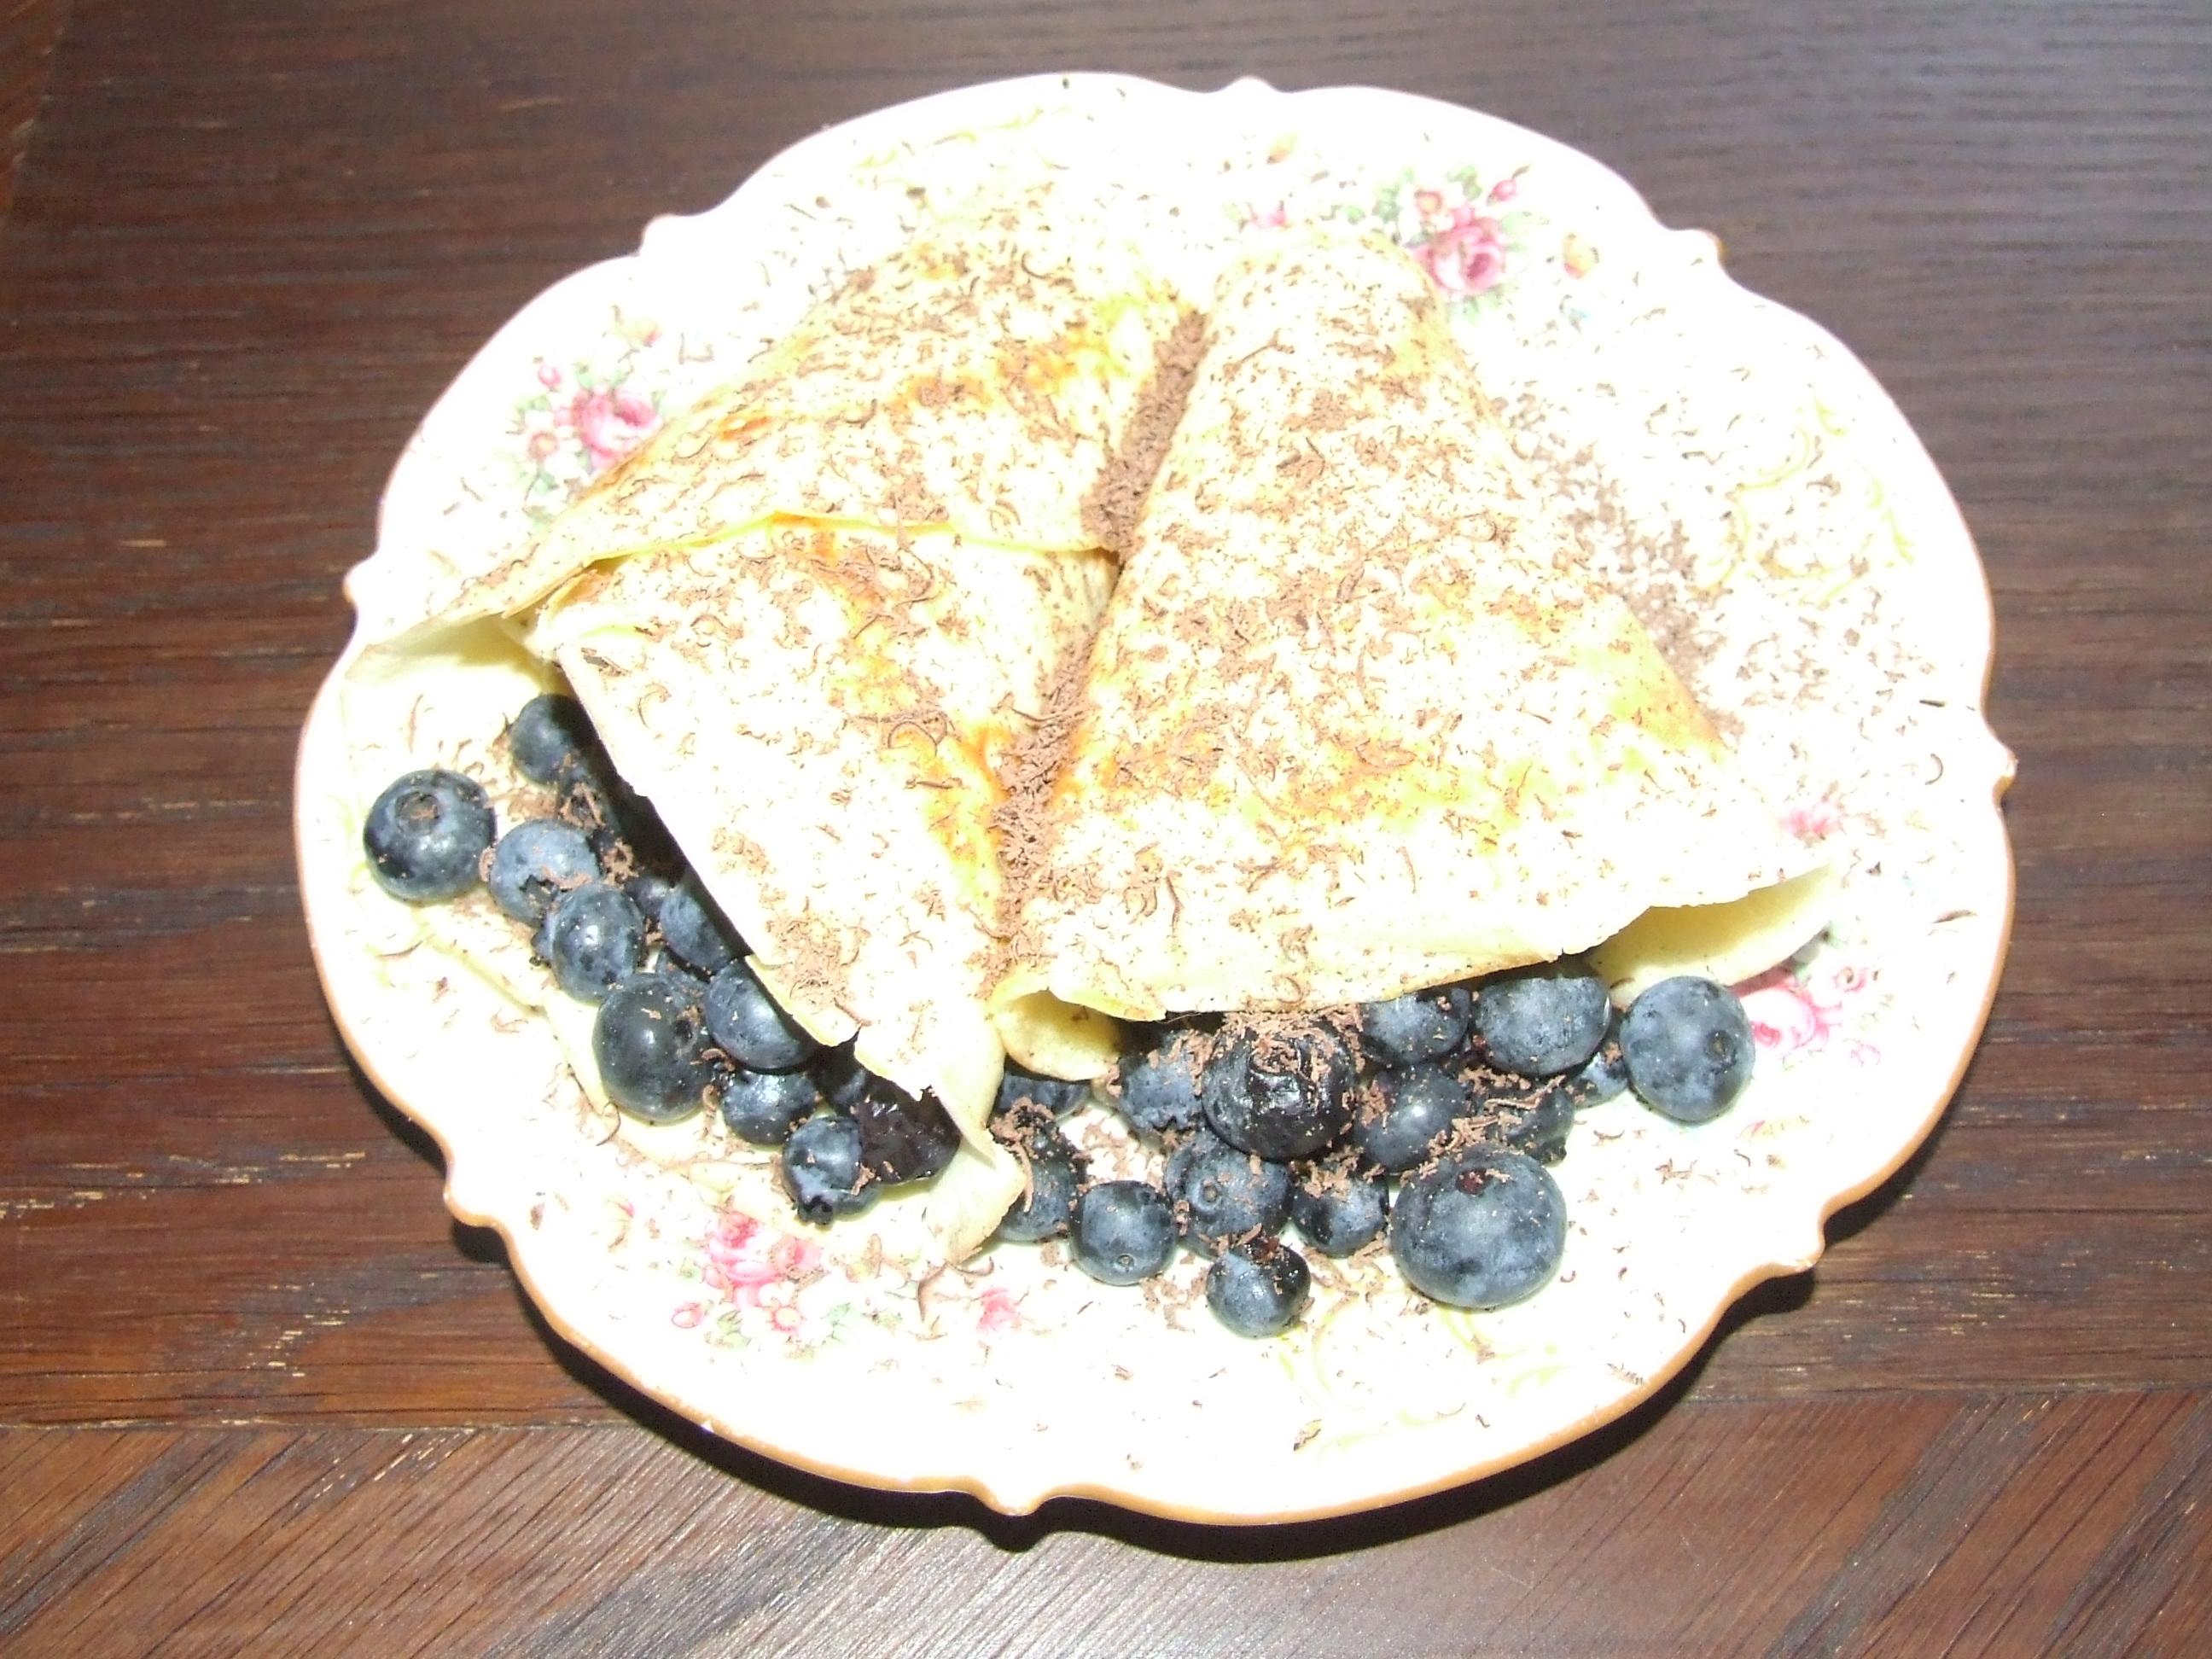 Zdrowe odżywianie w ciąży - naleśniki z owocami